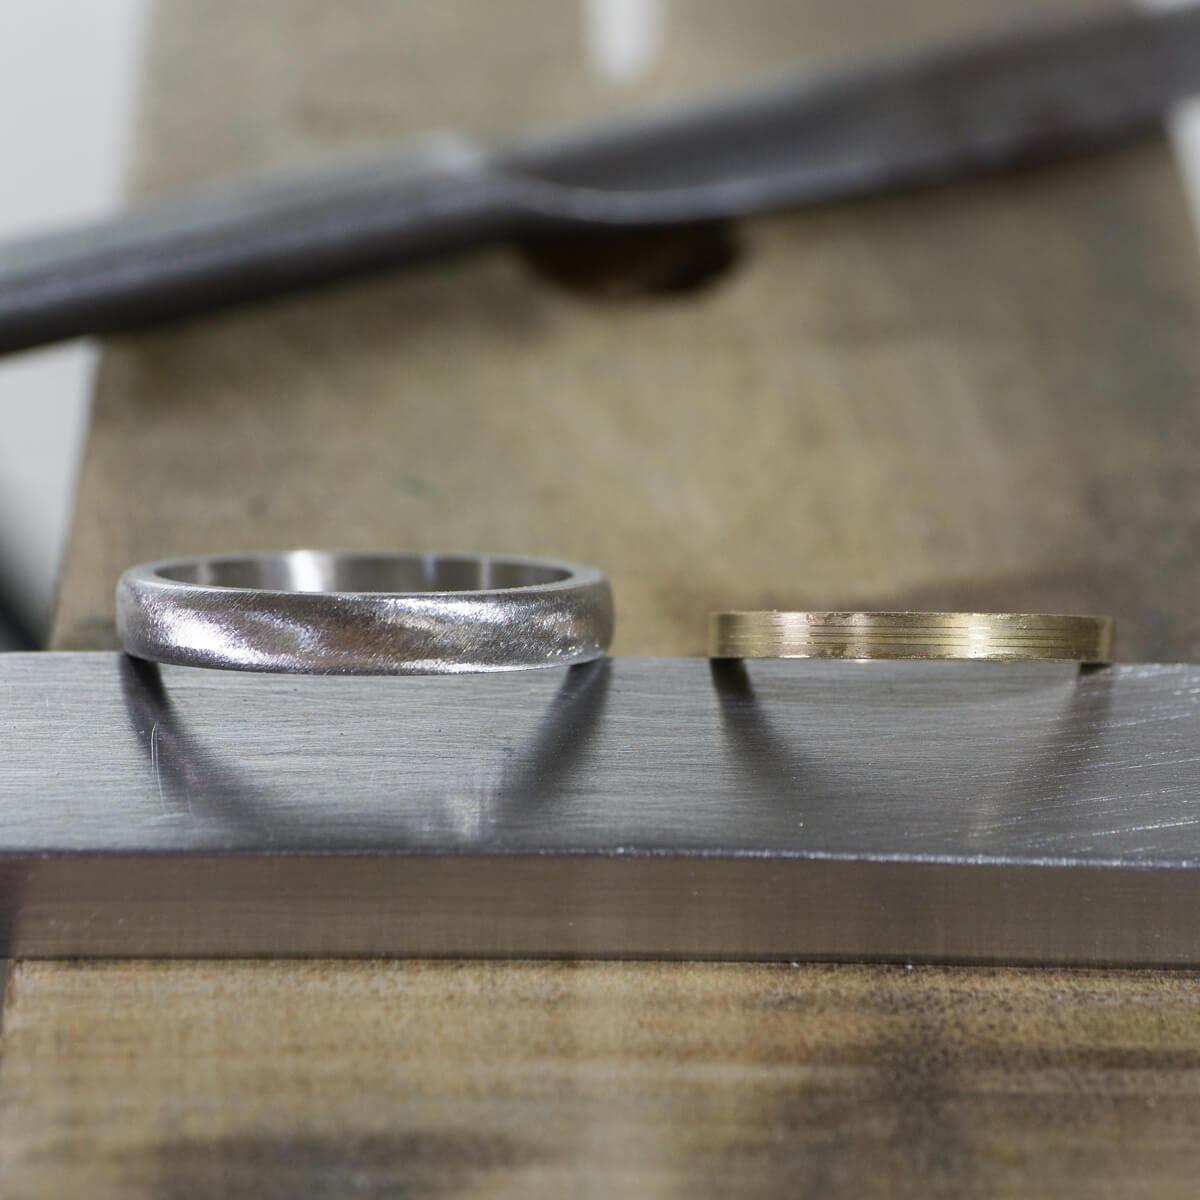 場面2 オーダーメイド結婚指輪の制作風景 ジュエリーのアトリエに指輪 ゴールド、プラチナ 屋久島でつくる結婚指輪